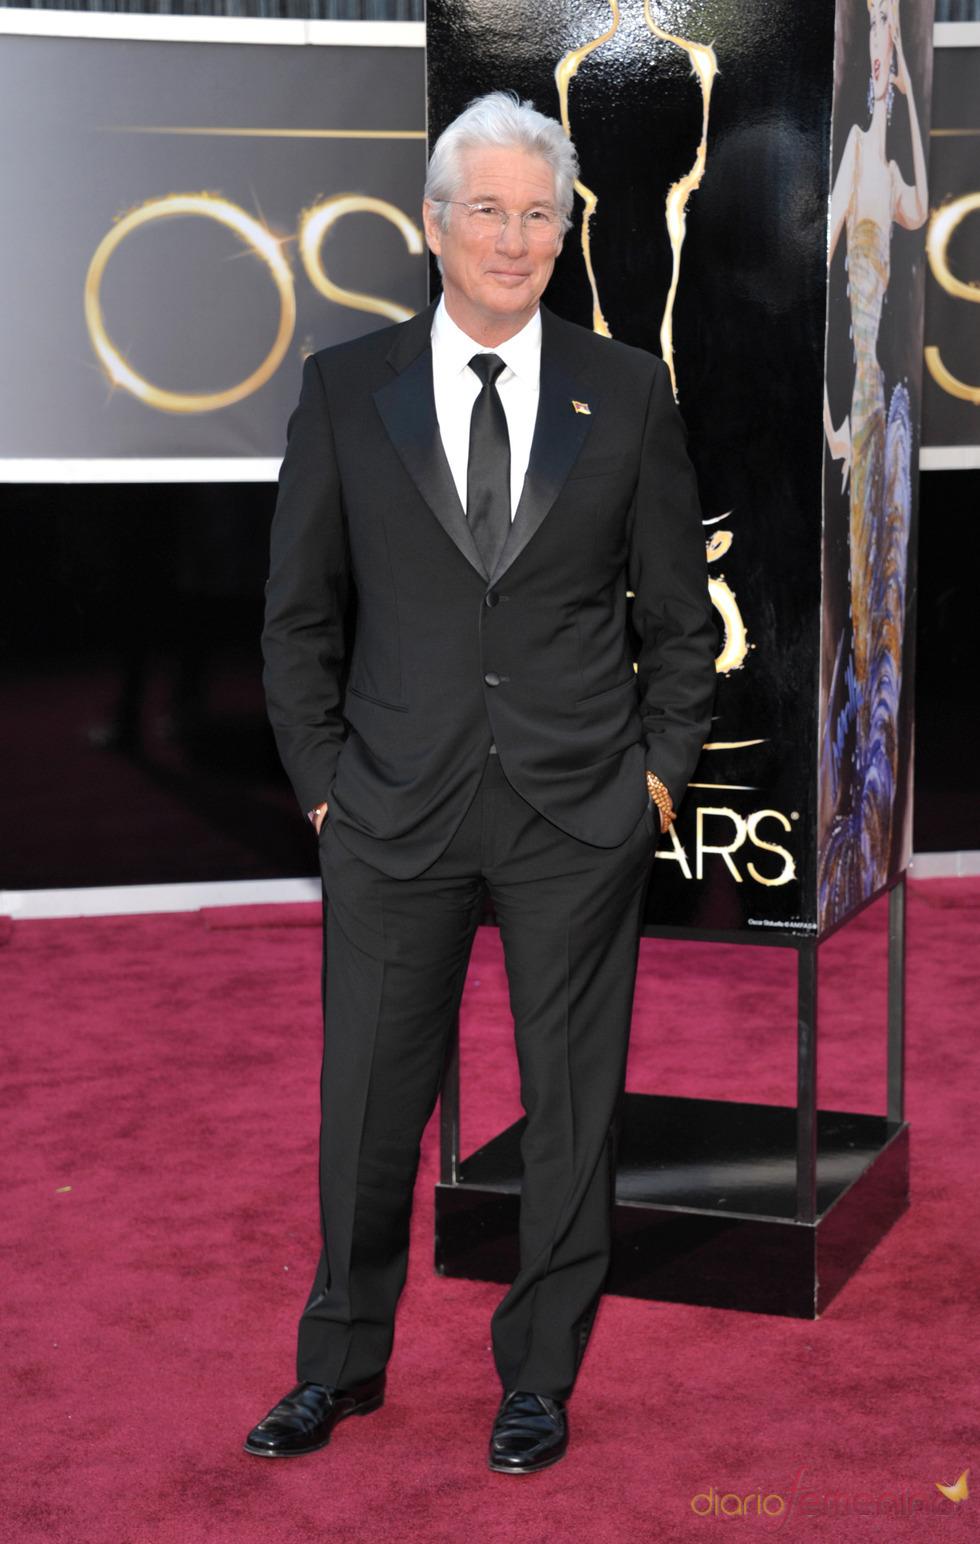 La elegancia de Richard Gere en la alfombra roja de los Oscars 2013